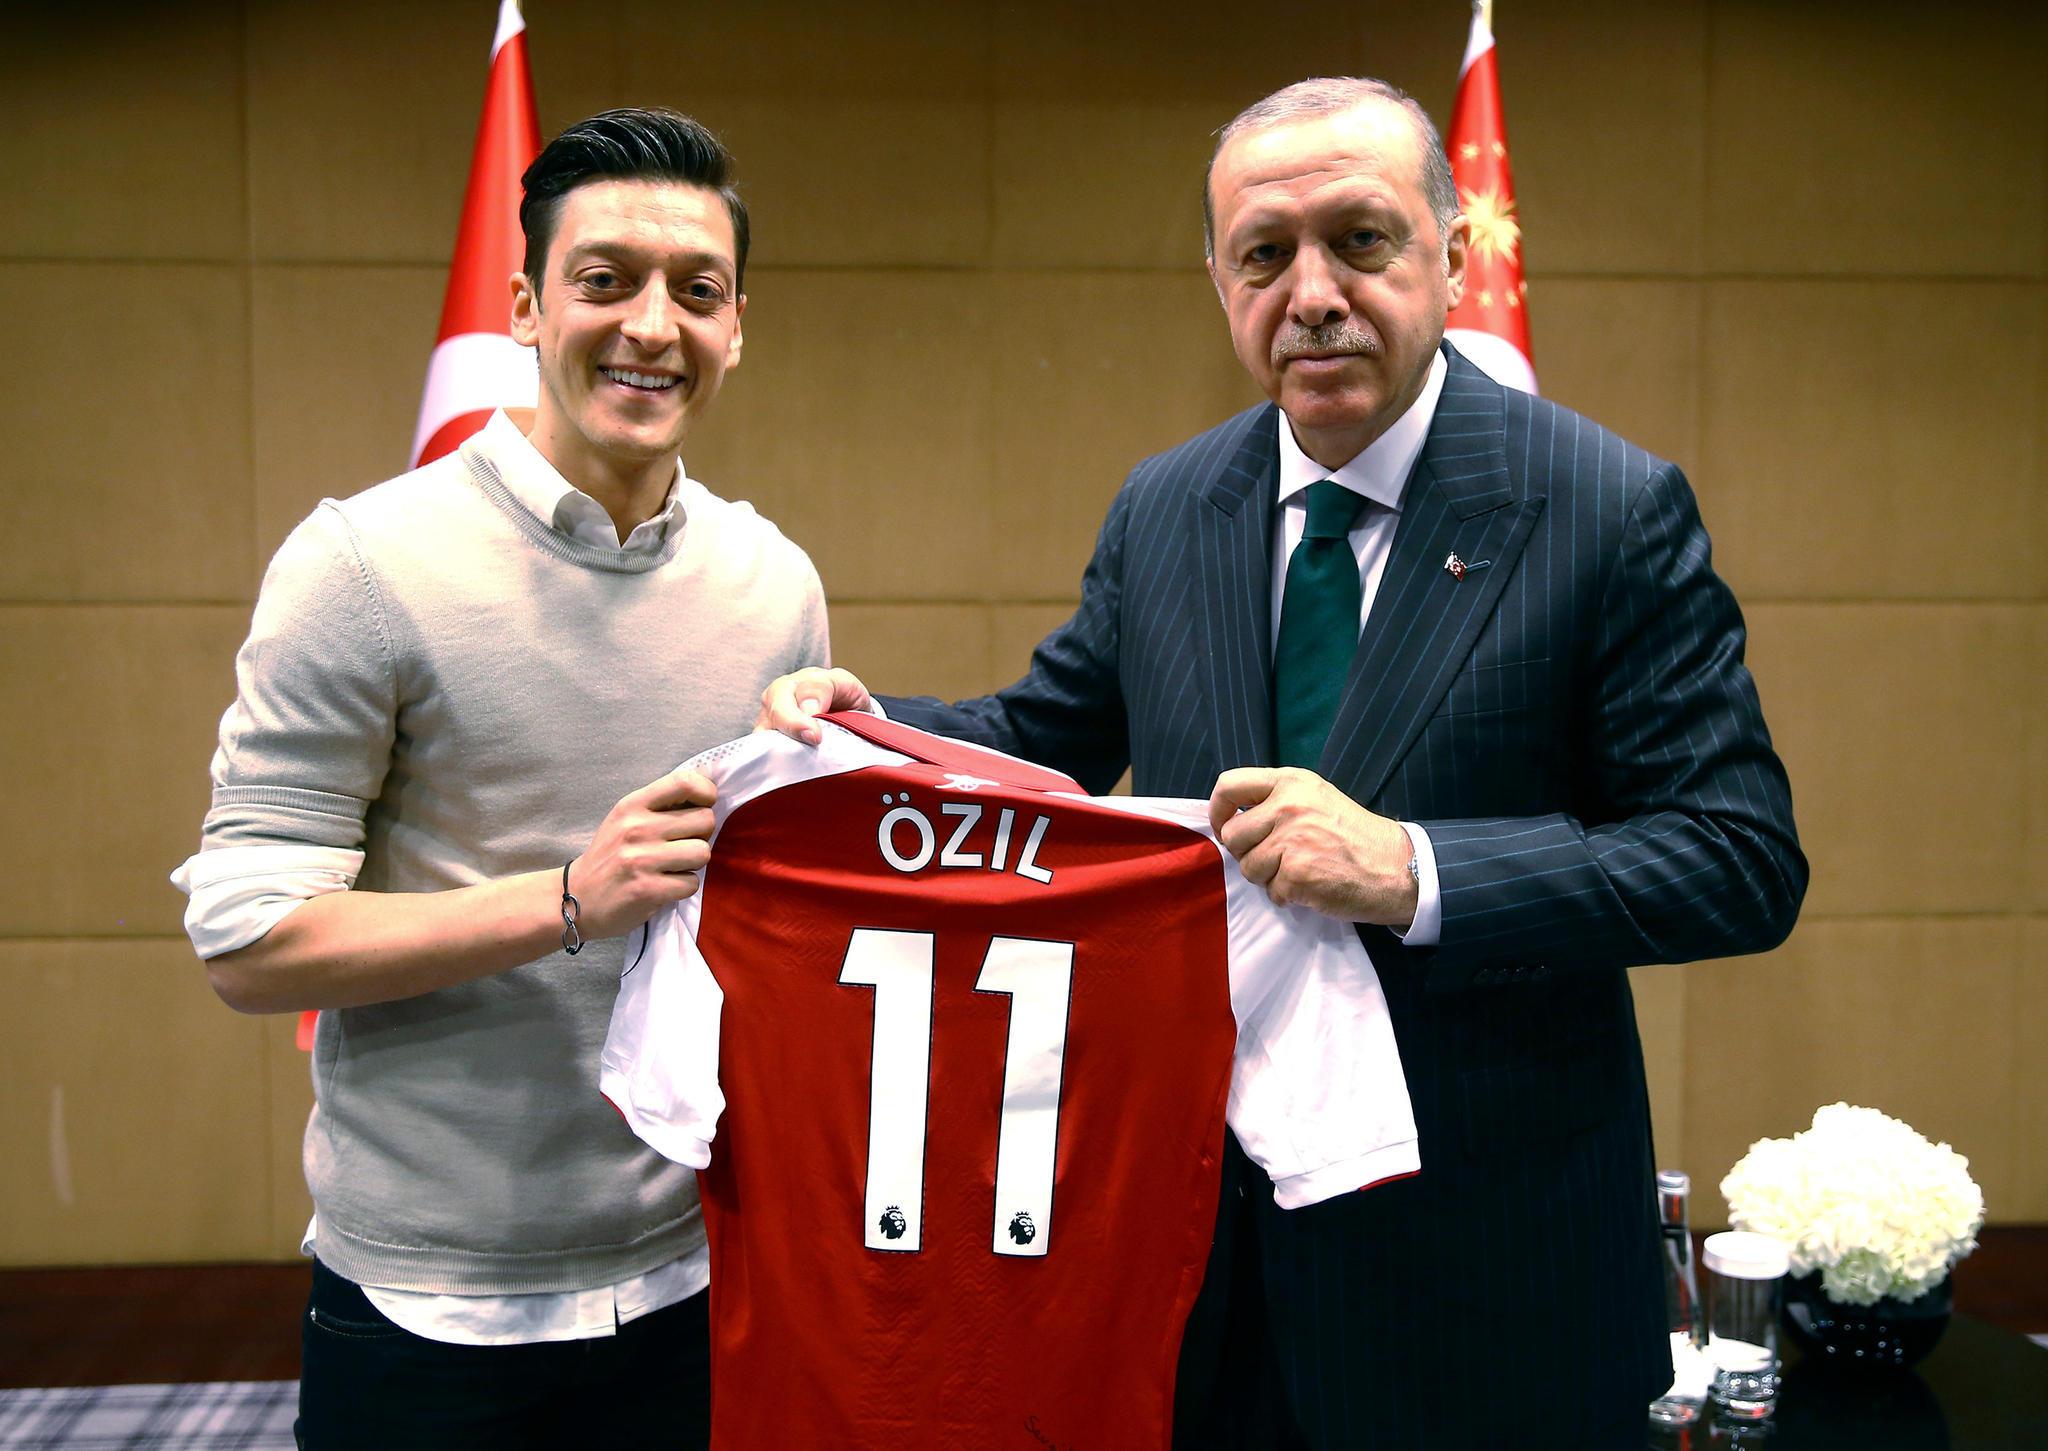 Erdoğan-Einladung: Özil umarmt den Autokraten aus Ankara? Lasst ihn einfach